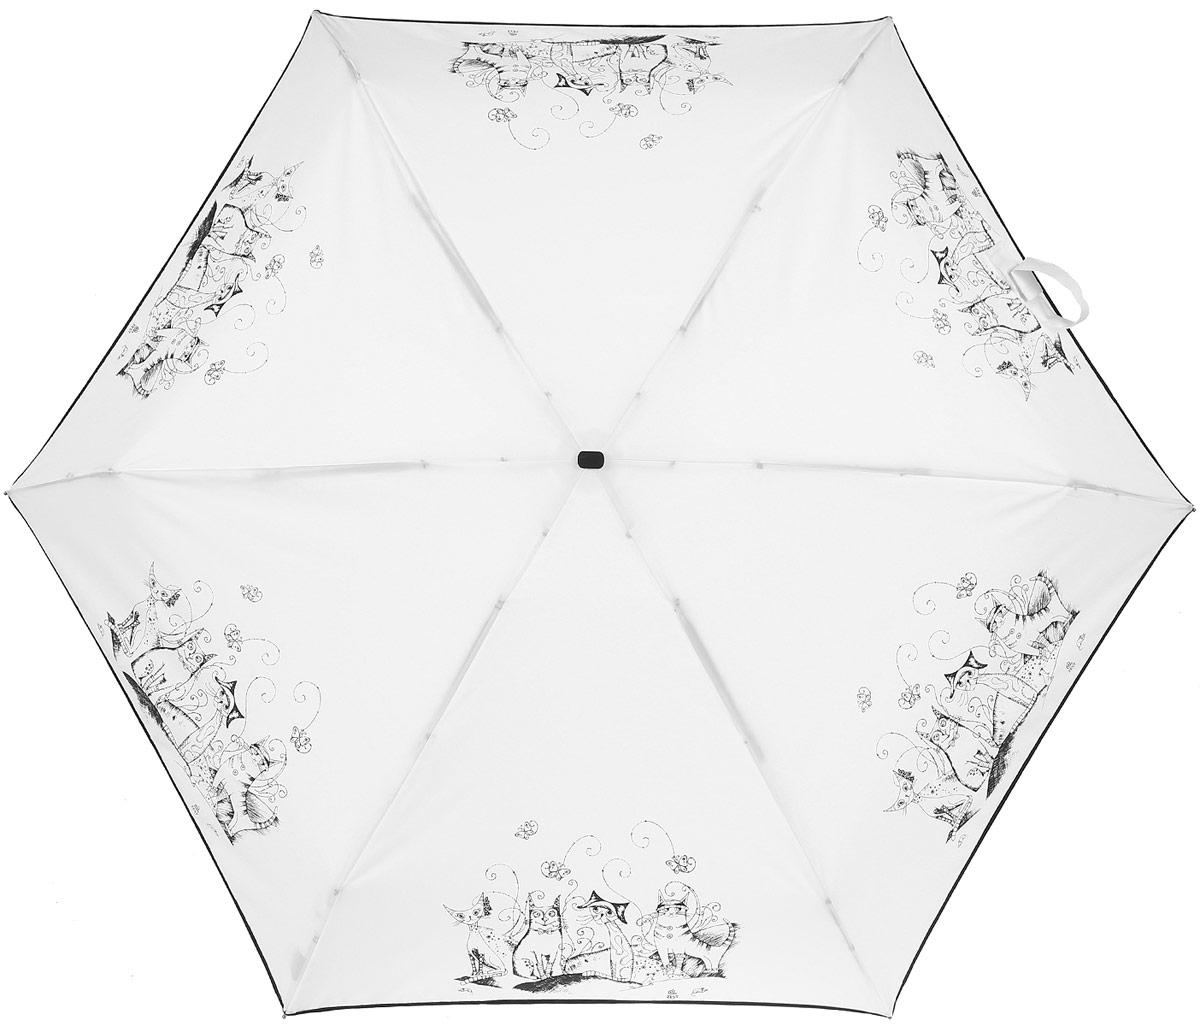 Зонт женский Zest, механический, 5 сложений, цвет: черный, белый. 25569-005025569-0050Компактный женский зонт Zest выполнен из металла, пластика и оформлен ярким принтом. Каркас зонта выполнен из шести спиц на прочном стержне. На концах спиц предусмотрены металлические элементы, которые защитят владельца от травм. Купол зонта изготовлен прочного полиэстера. Закрытый купол застегивается на липучку хлястиком. Практичная рукоятка закругленной формы разработана с учетом требований эргономики и выполнена из пластика. Зонт складывается и раскладывается механическим способом. Такой зонт не только надежно защитит от дождя, но и станет стильным аксессуаром.